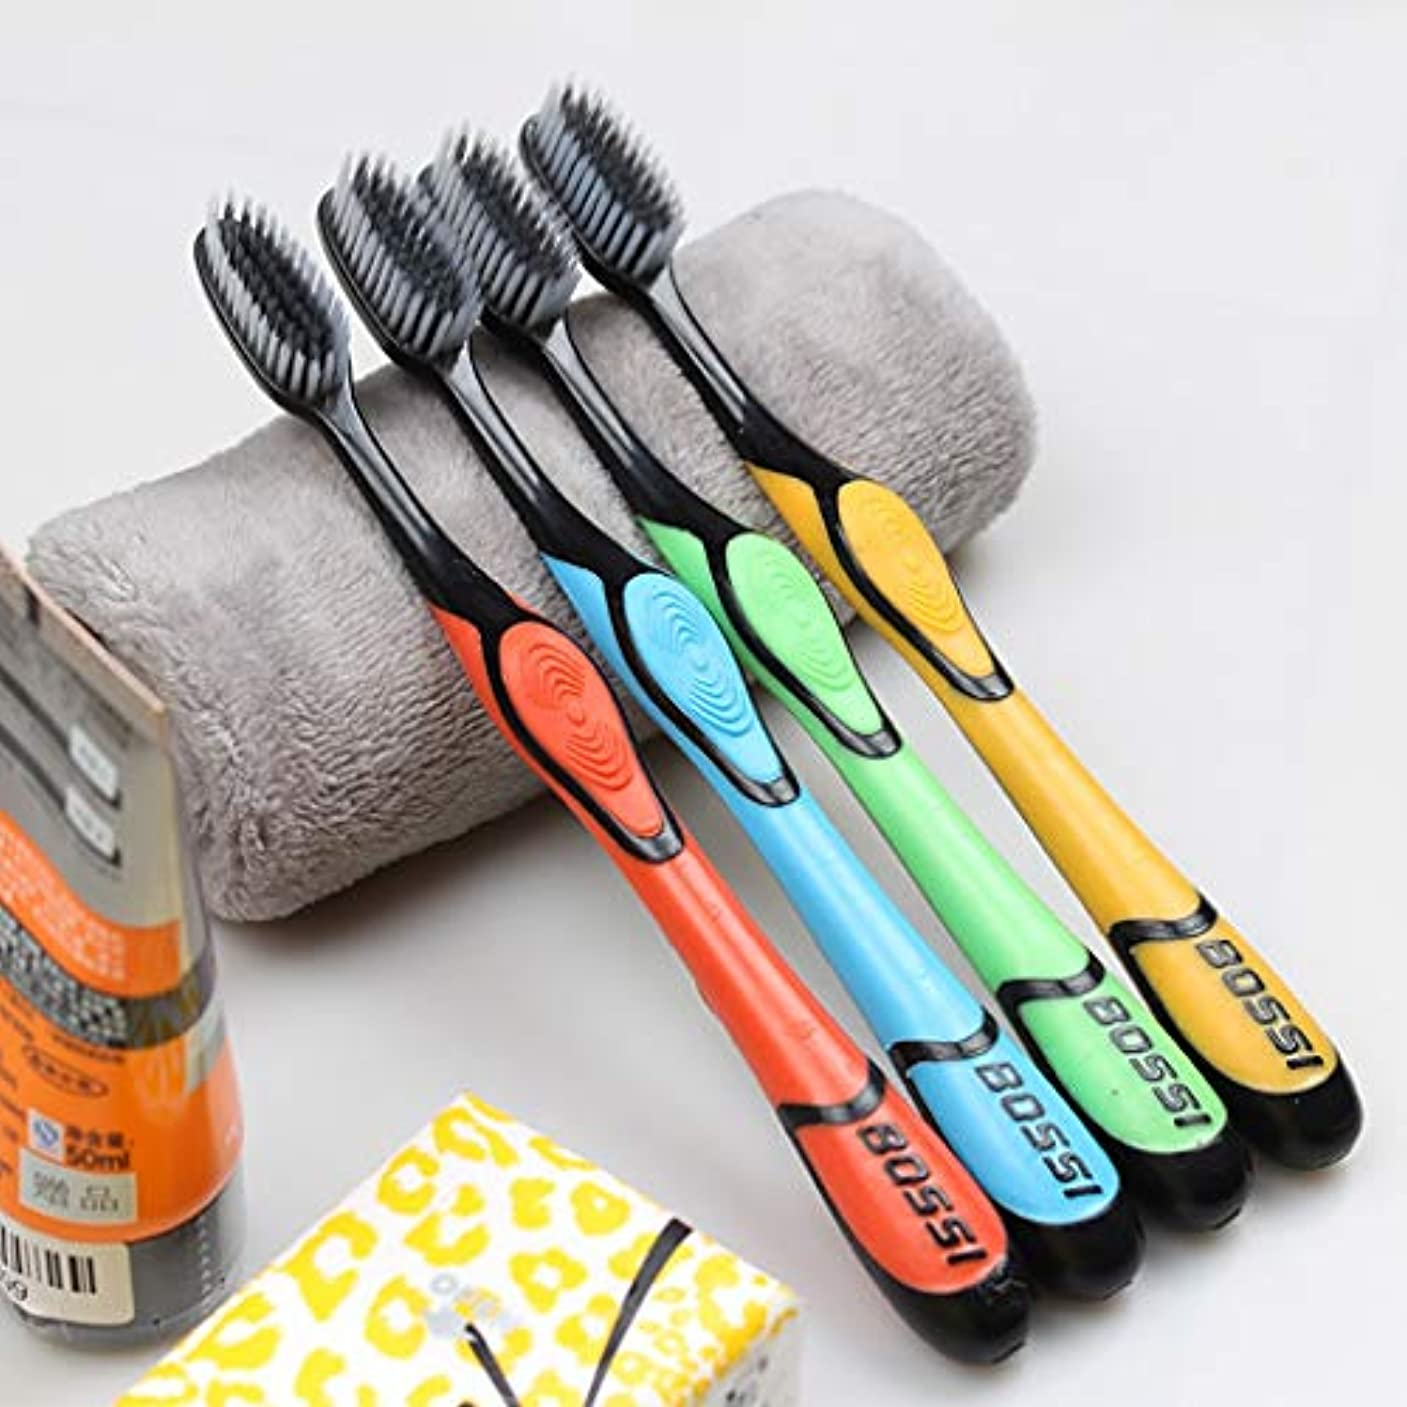 スポーツマンスライス混合した大人の竹炭の歯ブラシ、家族10本の棒、竹炭は効果的に口臭を取り除きます